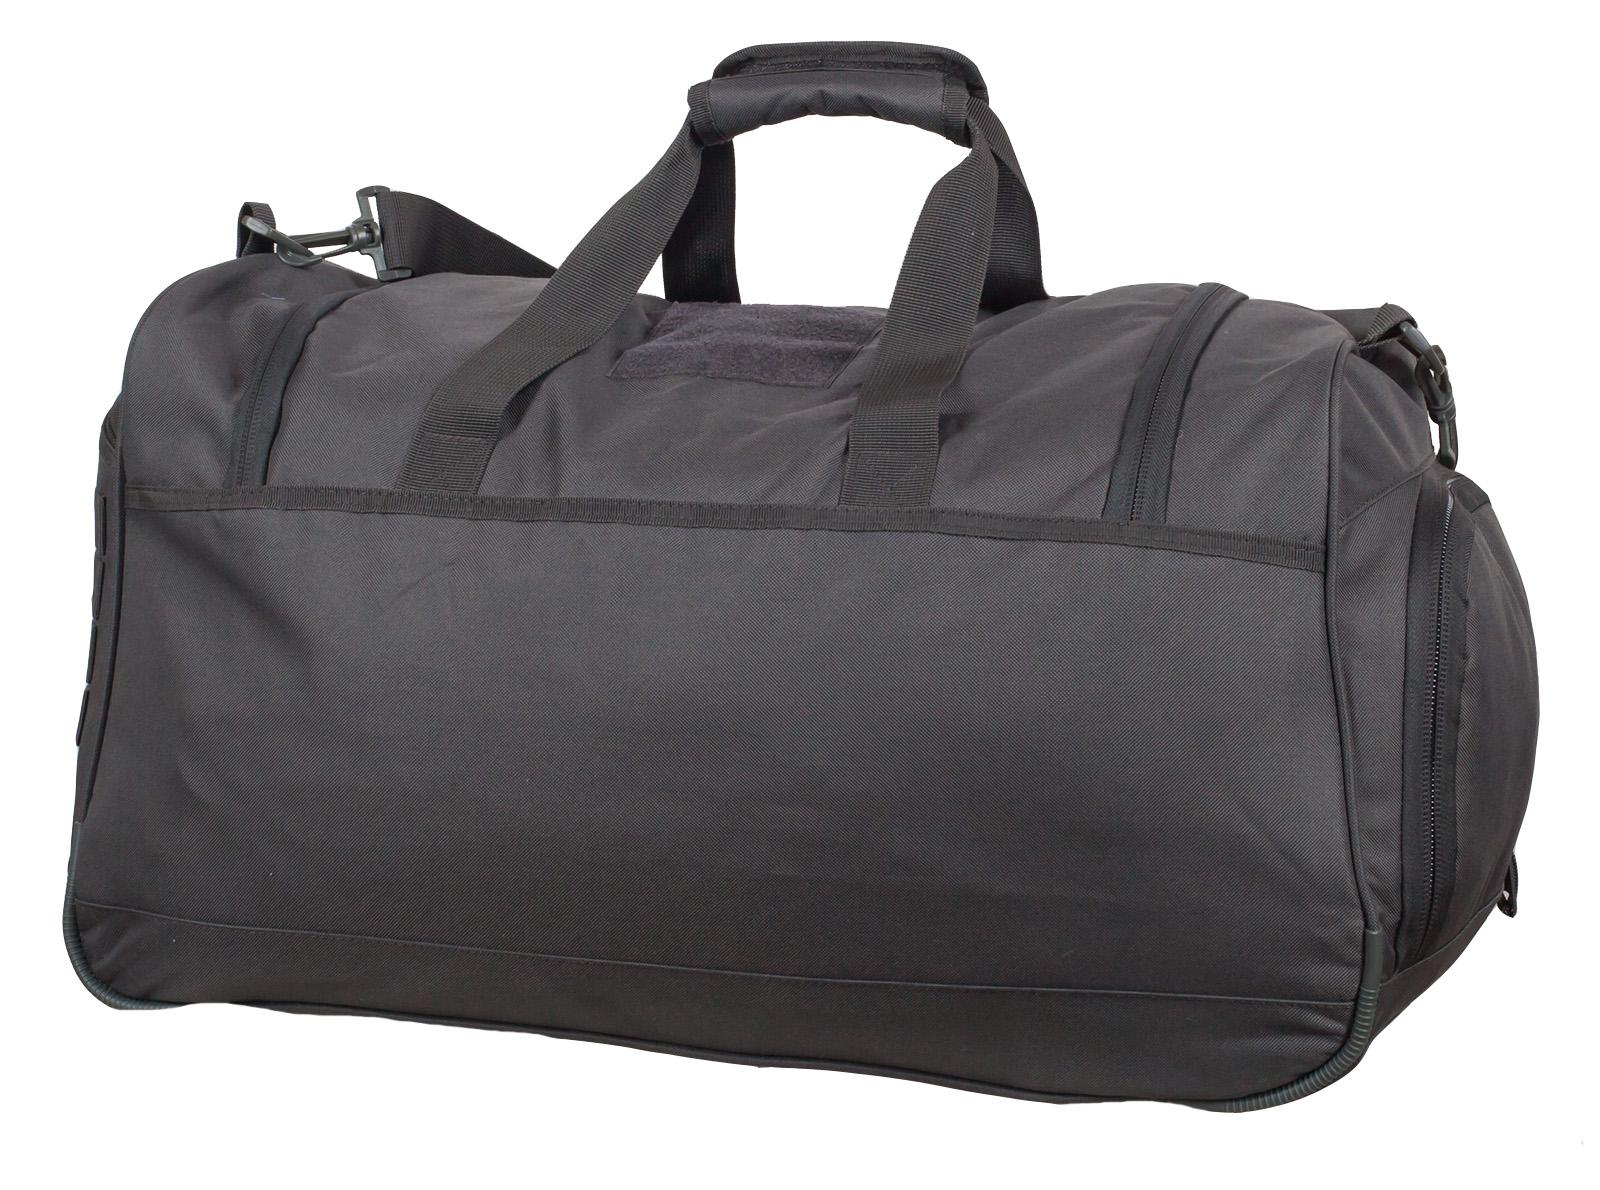 Продажа дорожных сумок: универсальные и тактические модели десанта